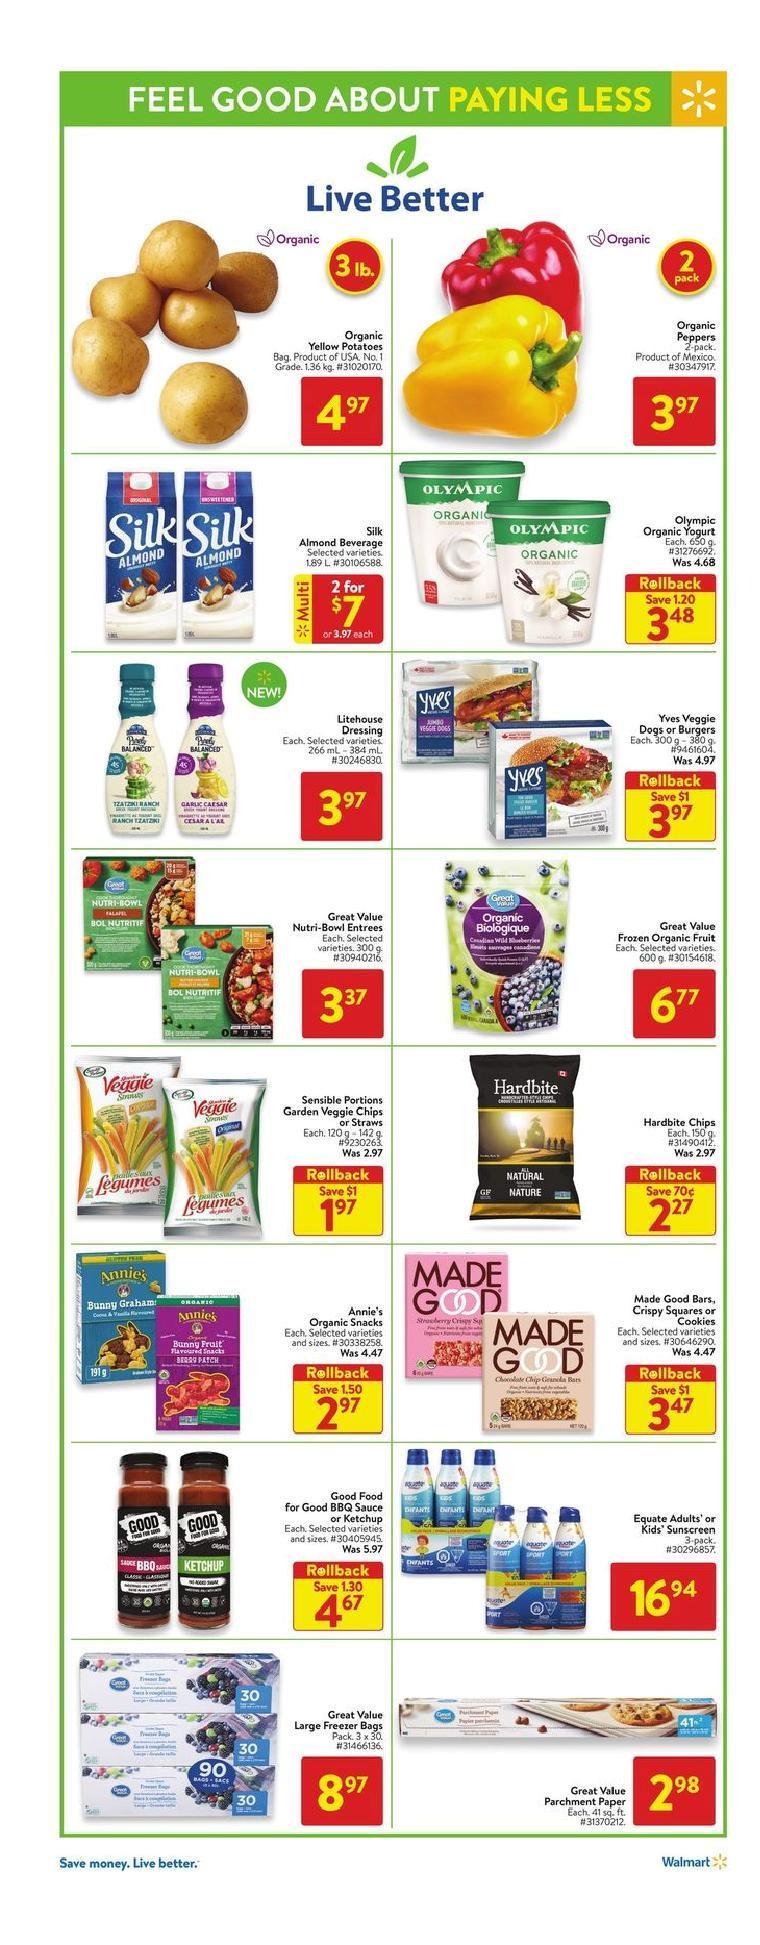 06 Walmart Supercentre Flyer May 20 May 26 2021